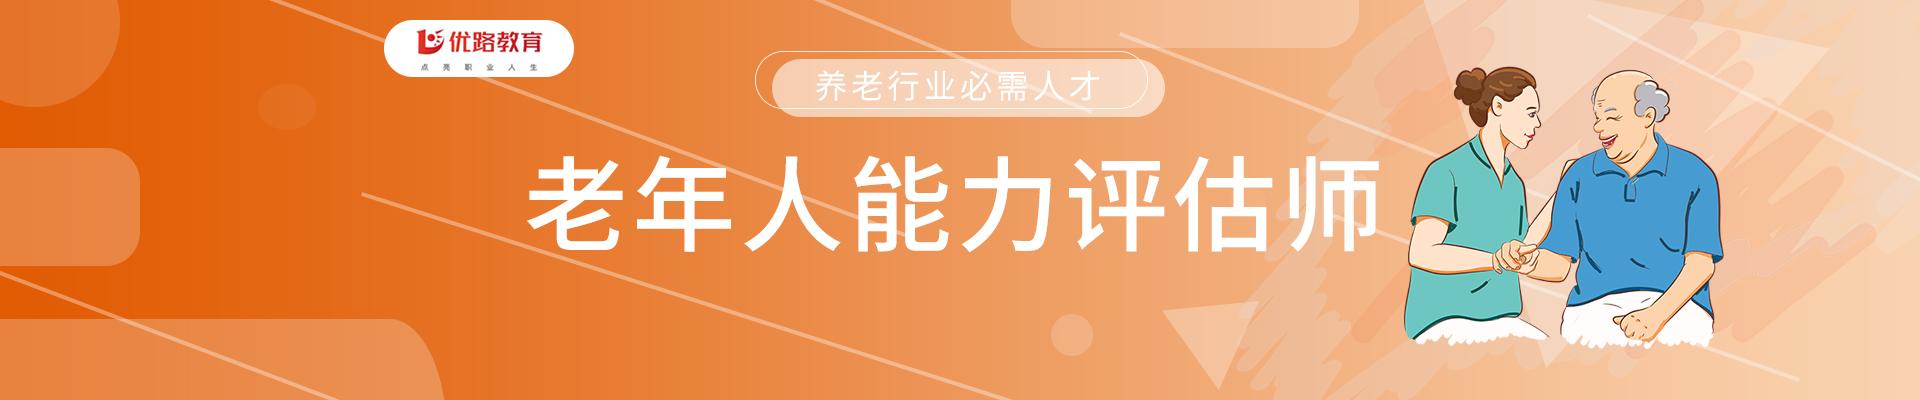 江苏苏州昆山优路教育培训学校